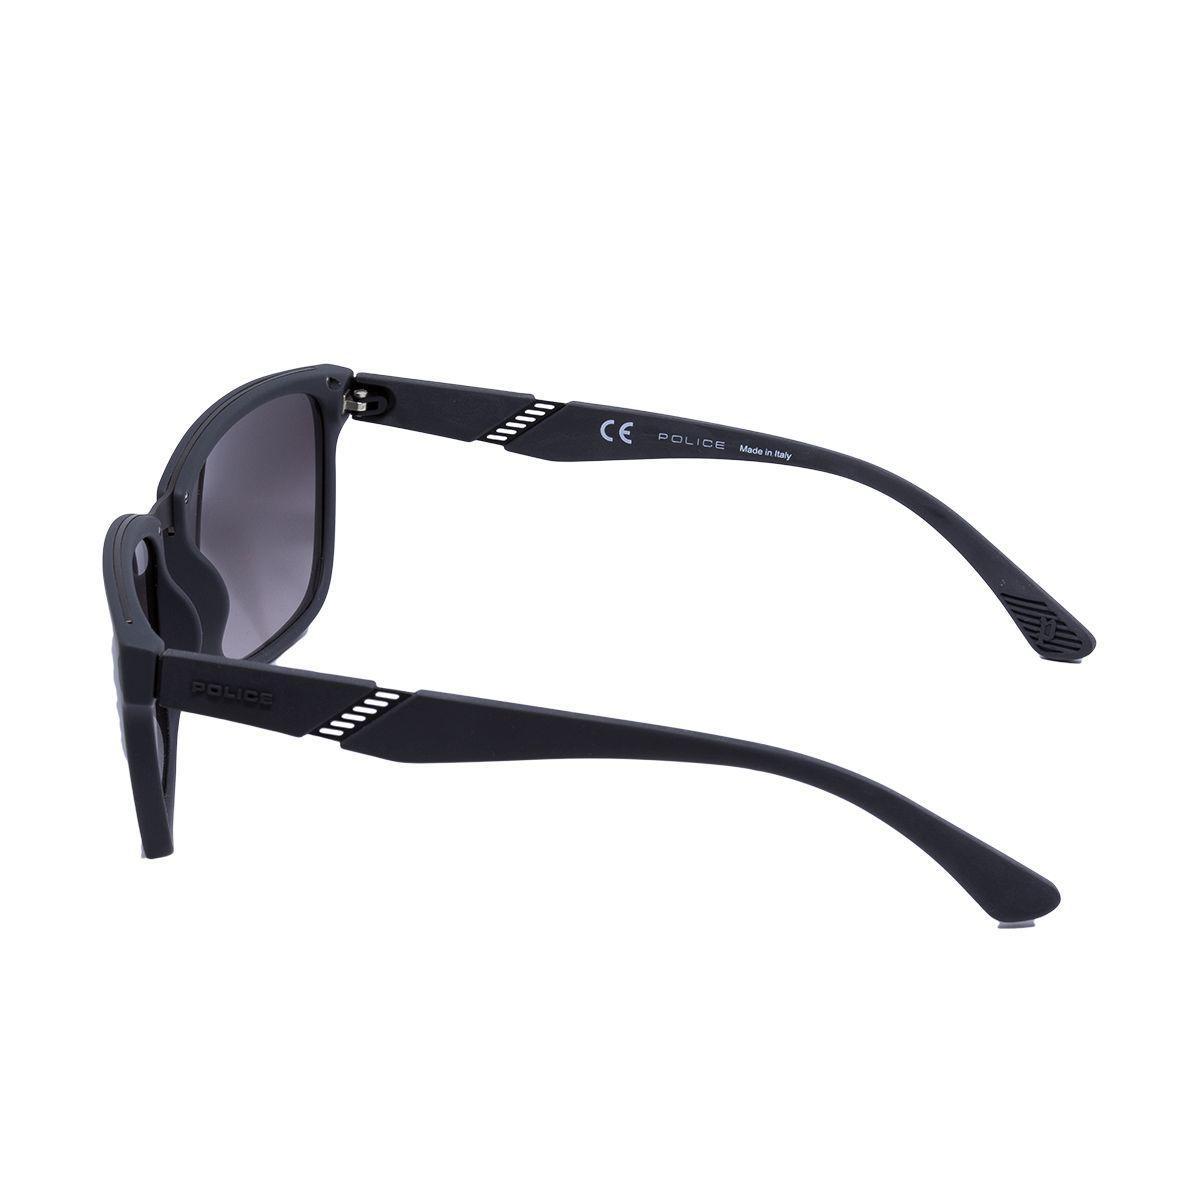 c2ad563d23e04 Óculos de Sol Police SPL350 COL.09U5 - acetato preto fosco, lente cinza R   863,00 à vista. Adicionar à sacola